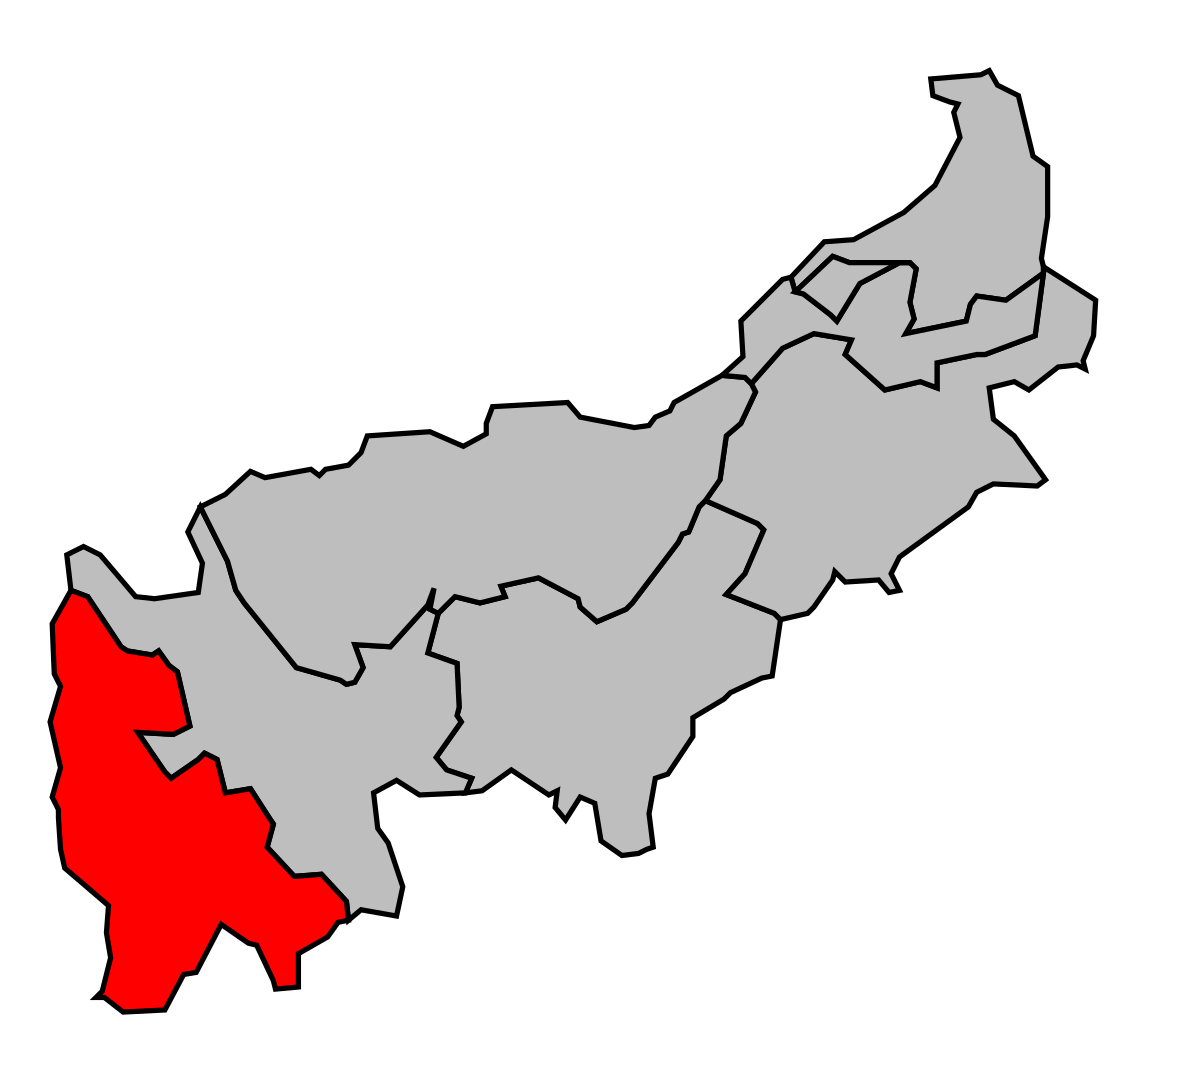 Cantón de Seyssel (Alta Saboya).